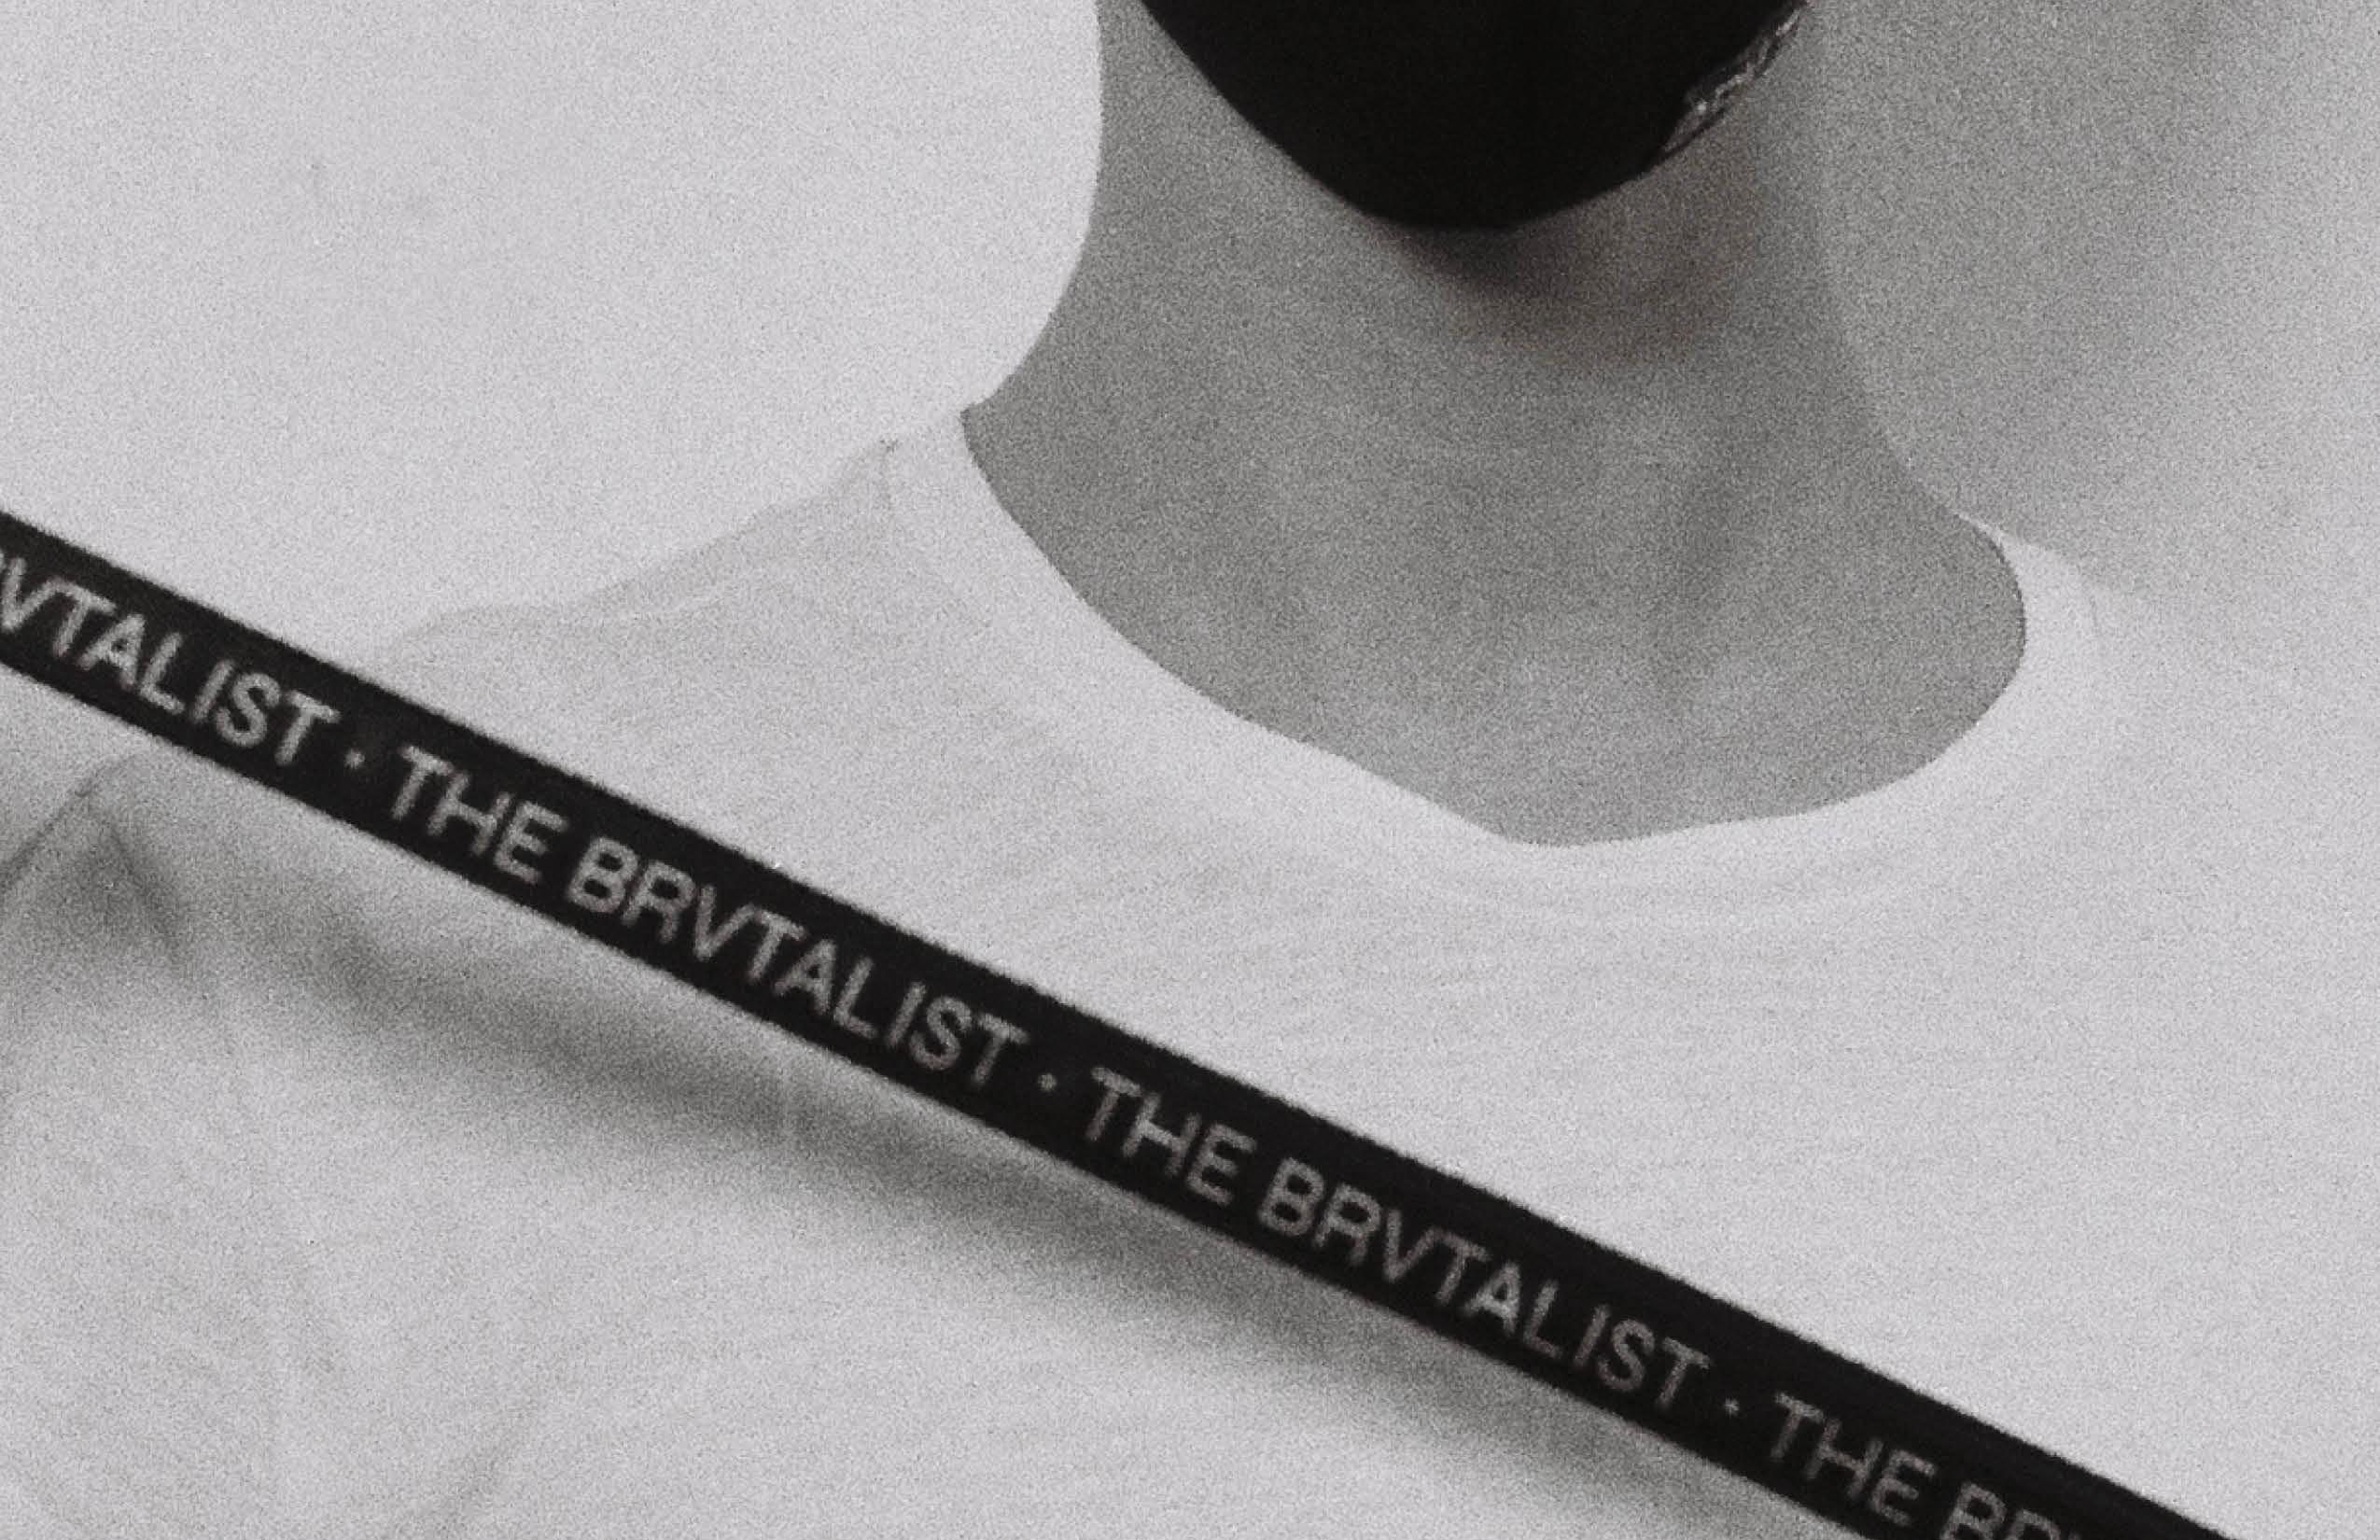 Fuenf x The Brvtalist Capsule Collection by Grzegorz Bacinski & Izabella Chrobok from KEYI STUDIO